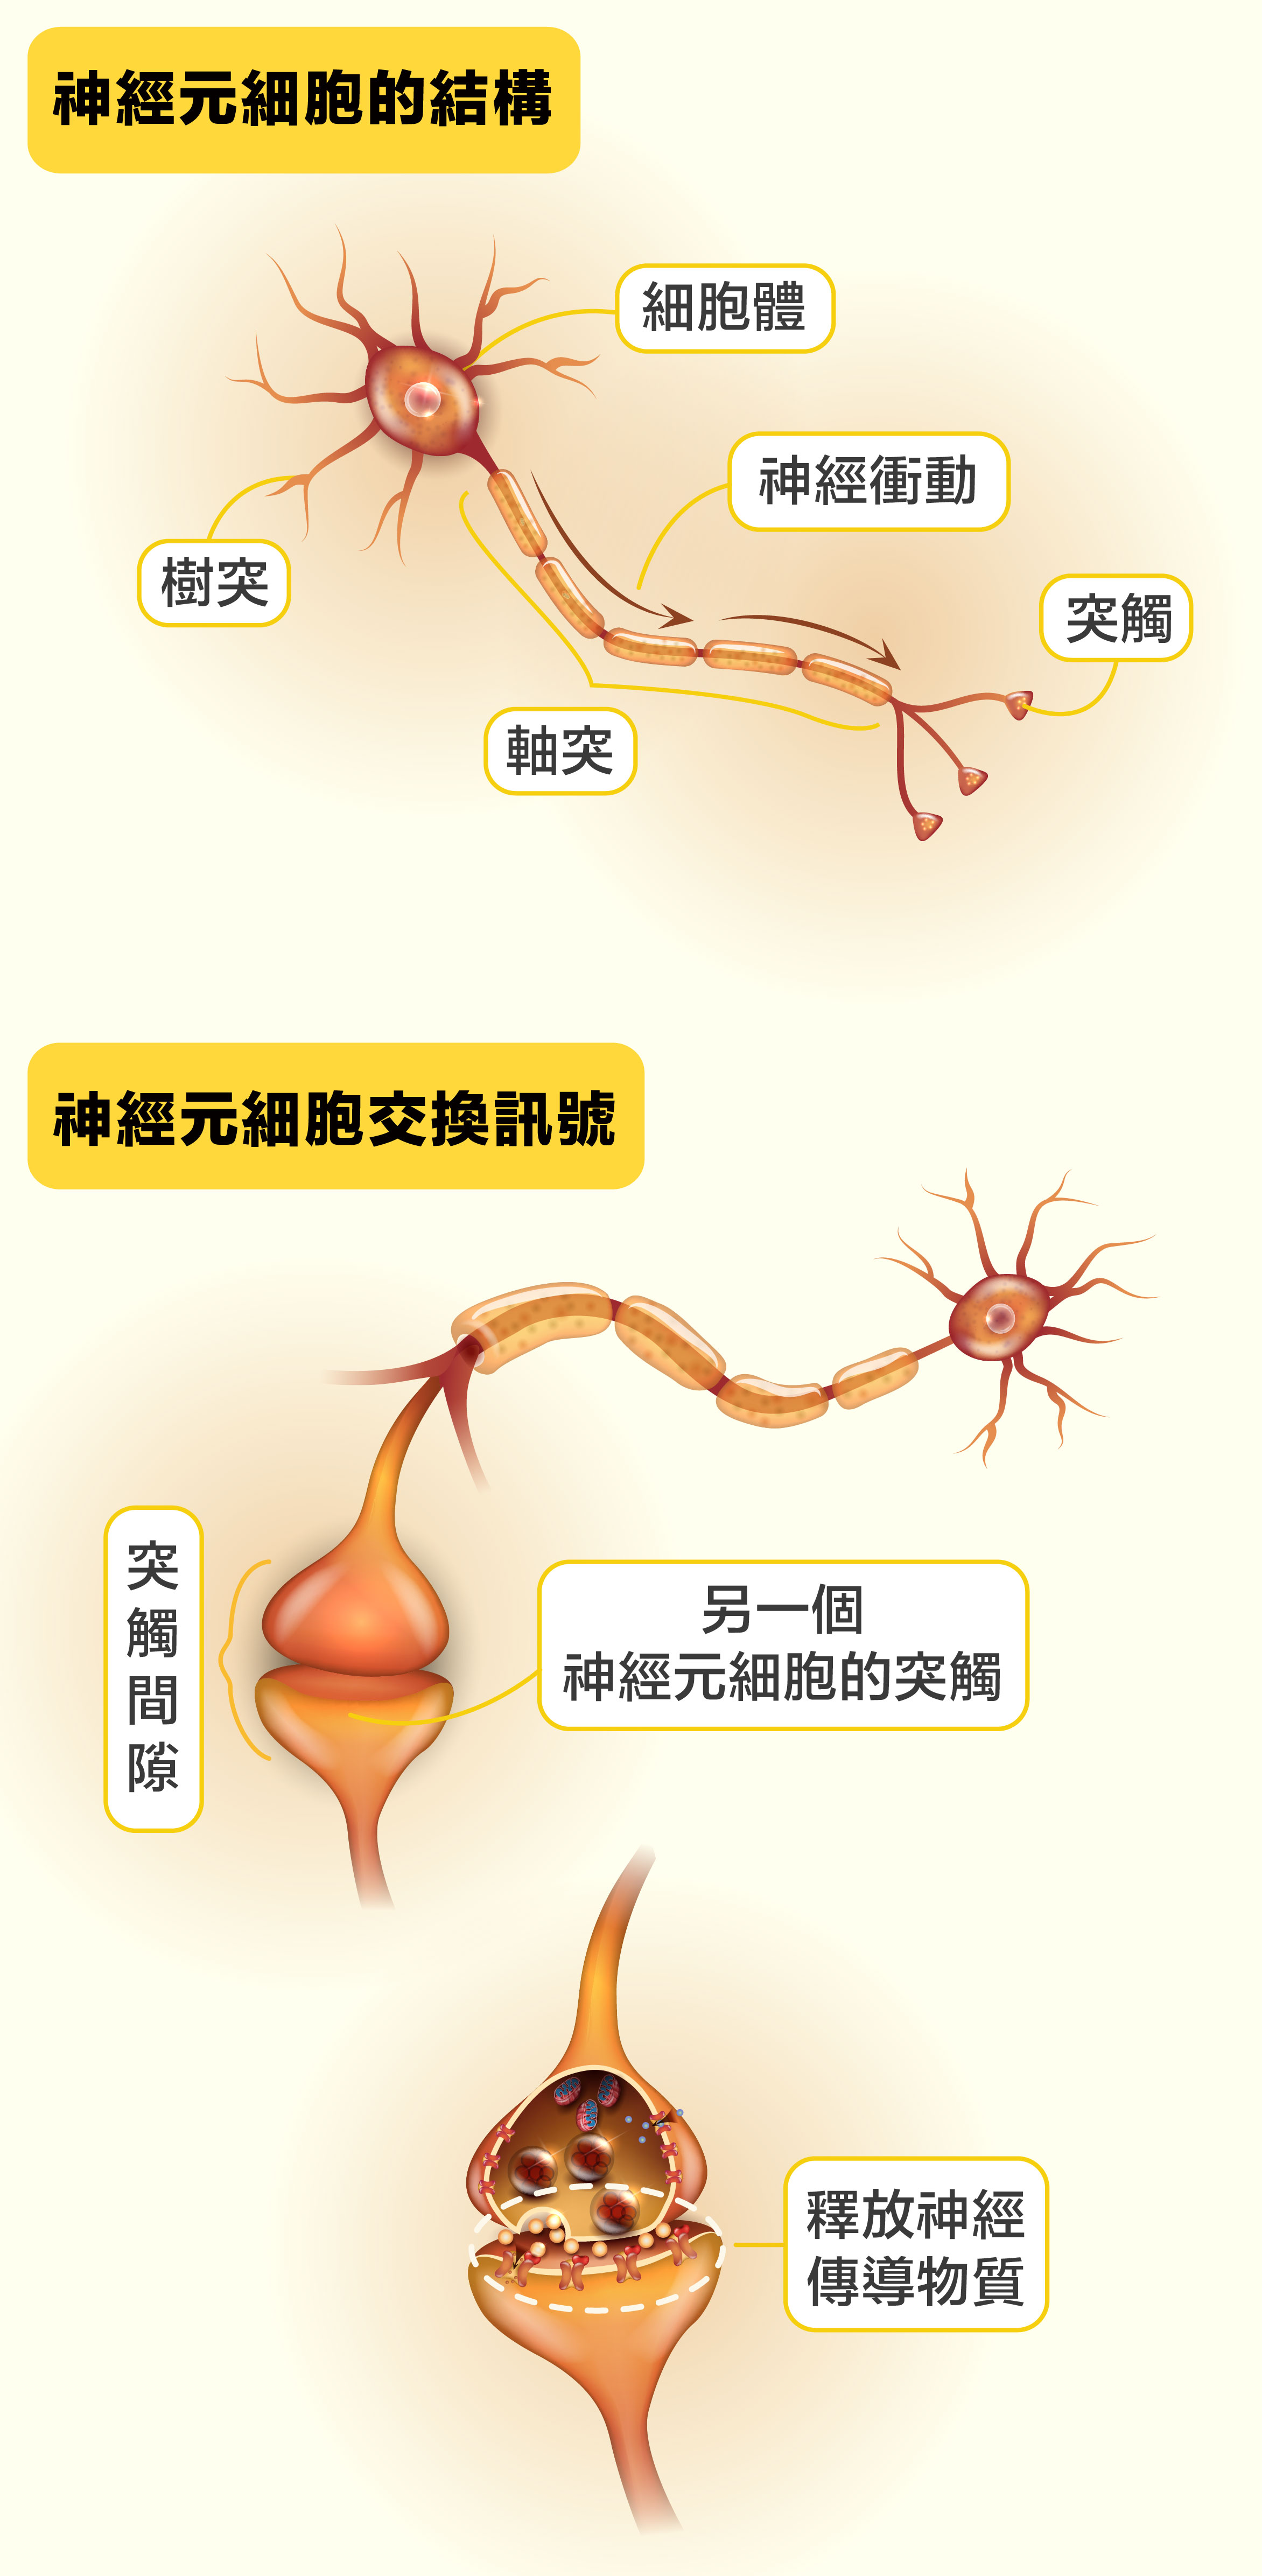 第一個神經元細胞將神經衝動傳到軸突末端的突觸,然後釋放神經傳導物質到下一個神經元細胞的樹突突觸,藉此將神經衝動傳給下一個神經元......就這樣把訊息接力傳到目的地。神經元軸突長度相差很大,有的僅分布在細胞周圍;有的很長,像是成人的坐骨神經,長度能超過1.5公尺。圖片來源│iStock圖說設計│黃曉君、林洵安